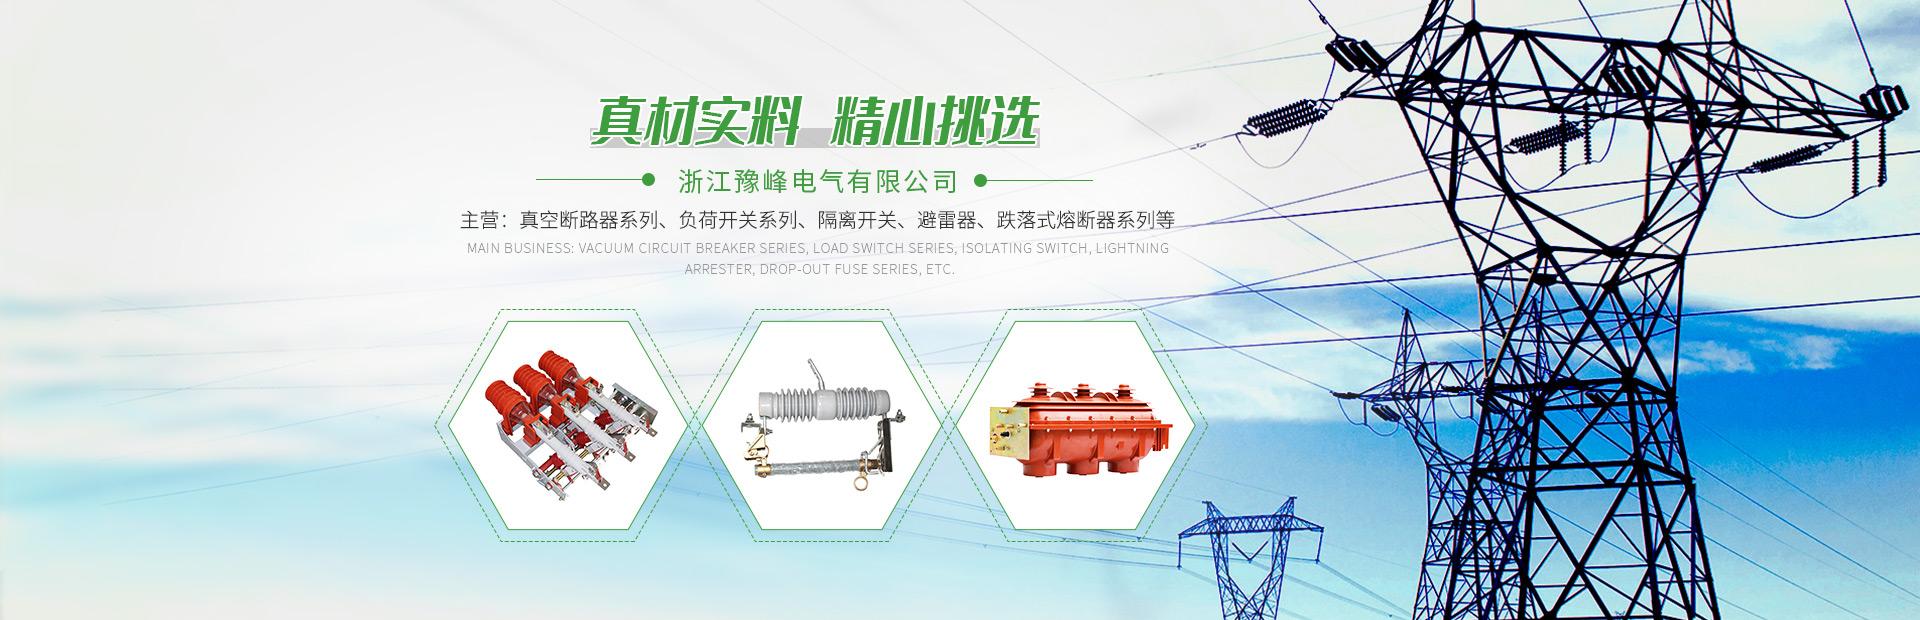 浙江豫峰电气有限公司